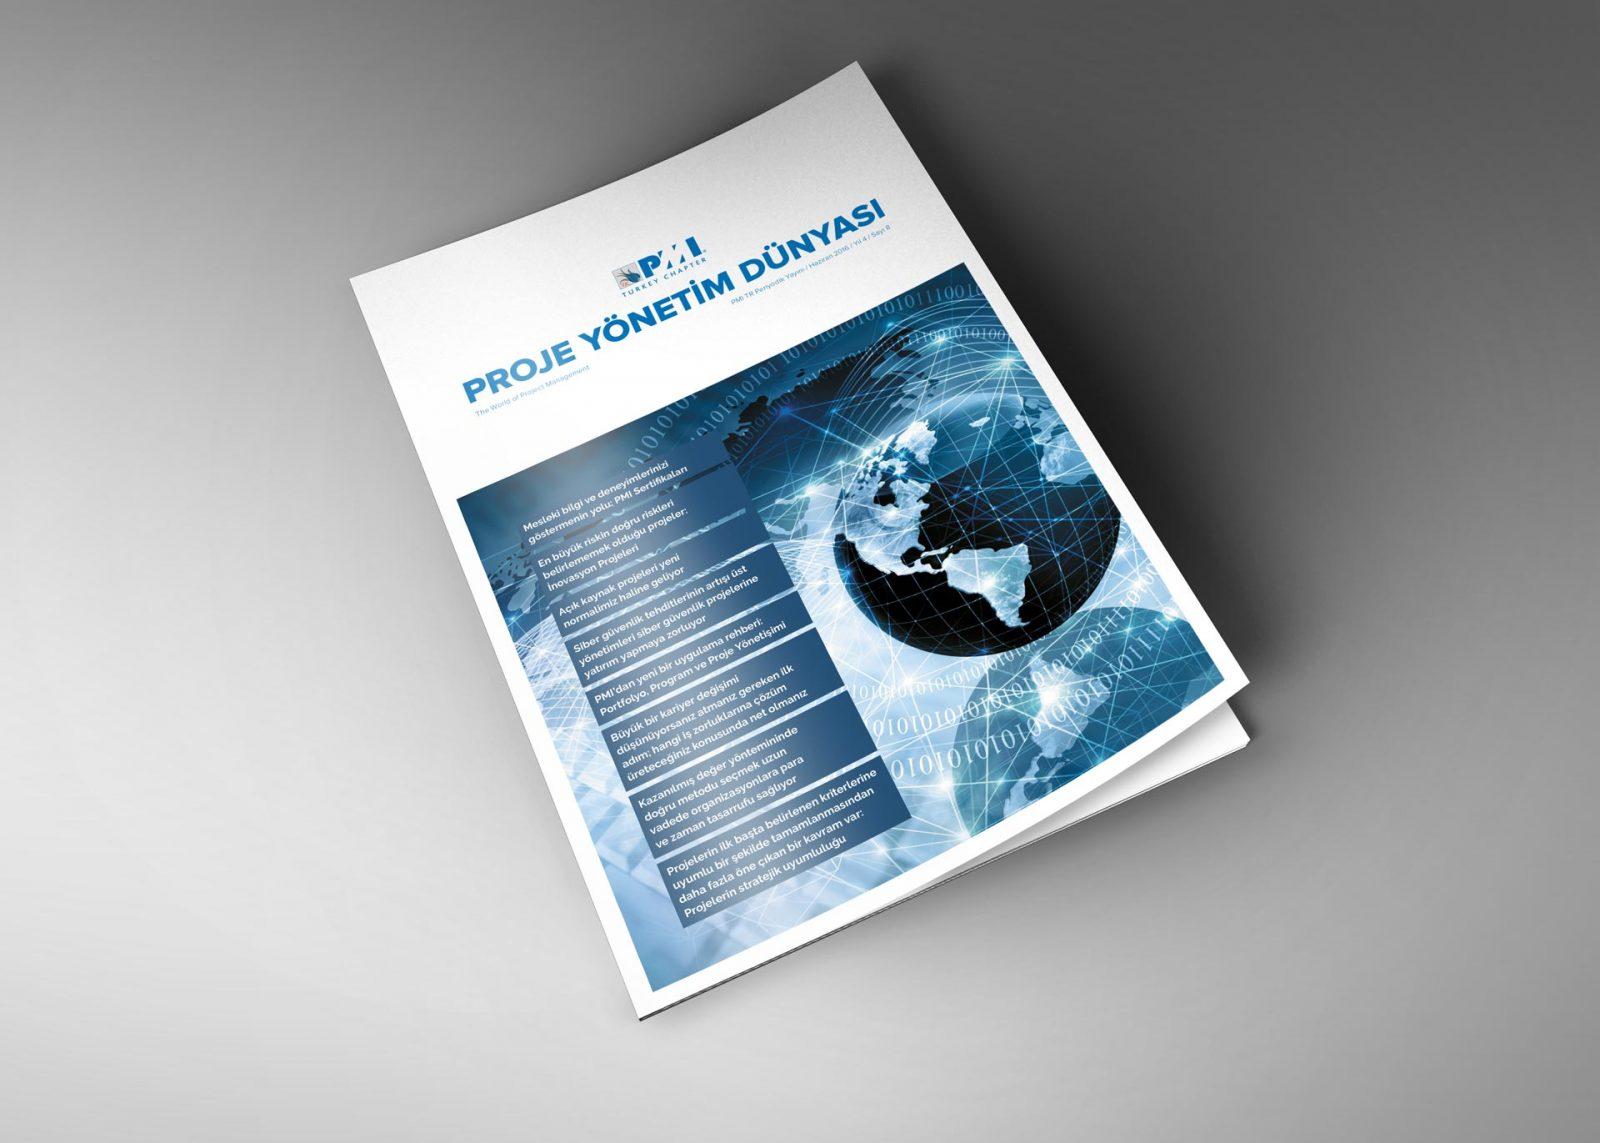 pmi tr dergi tasarımı 02